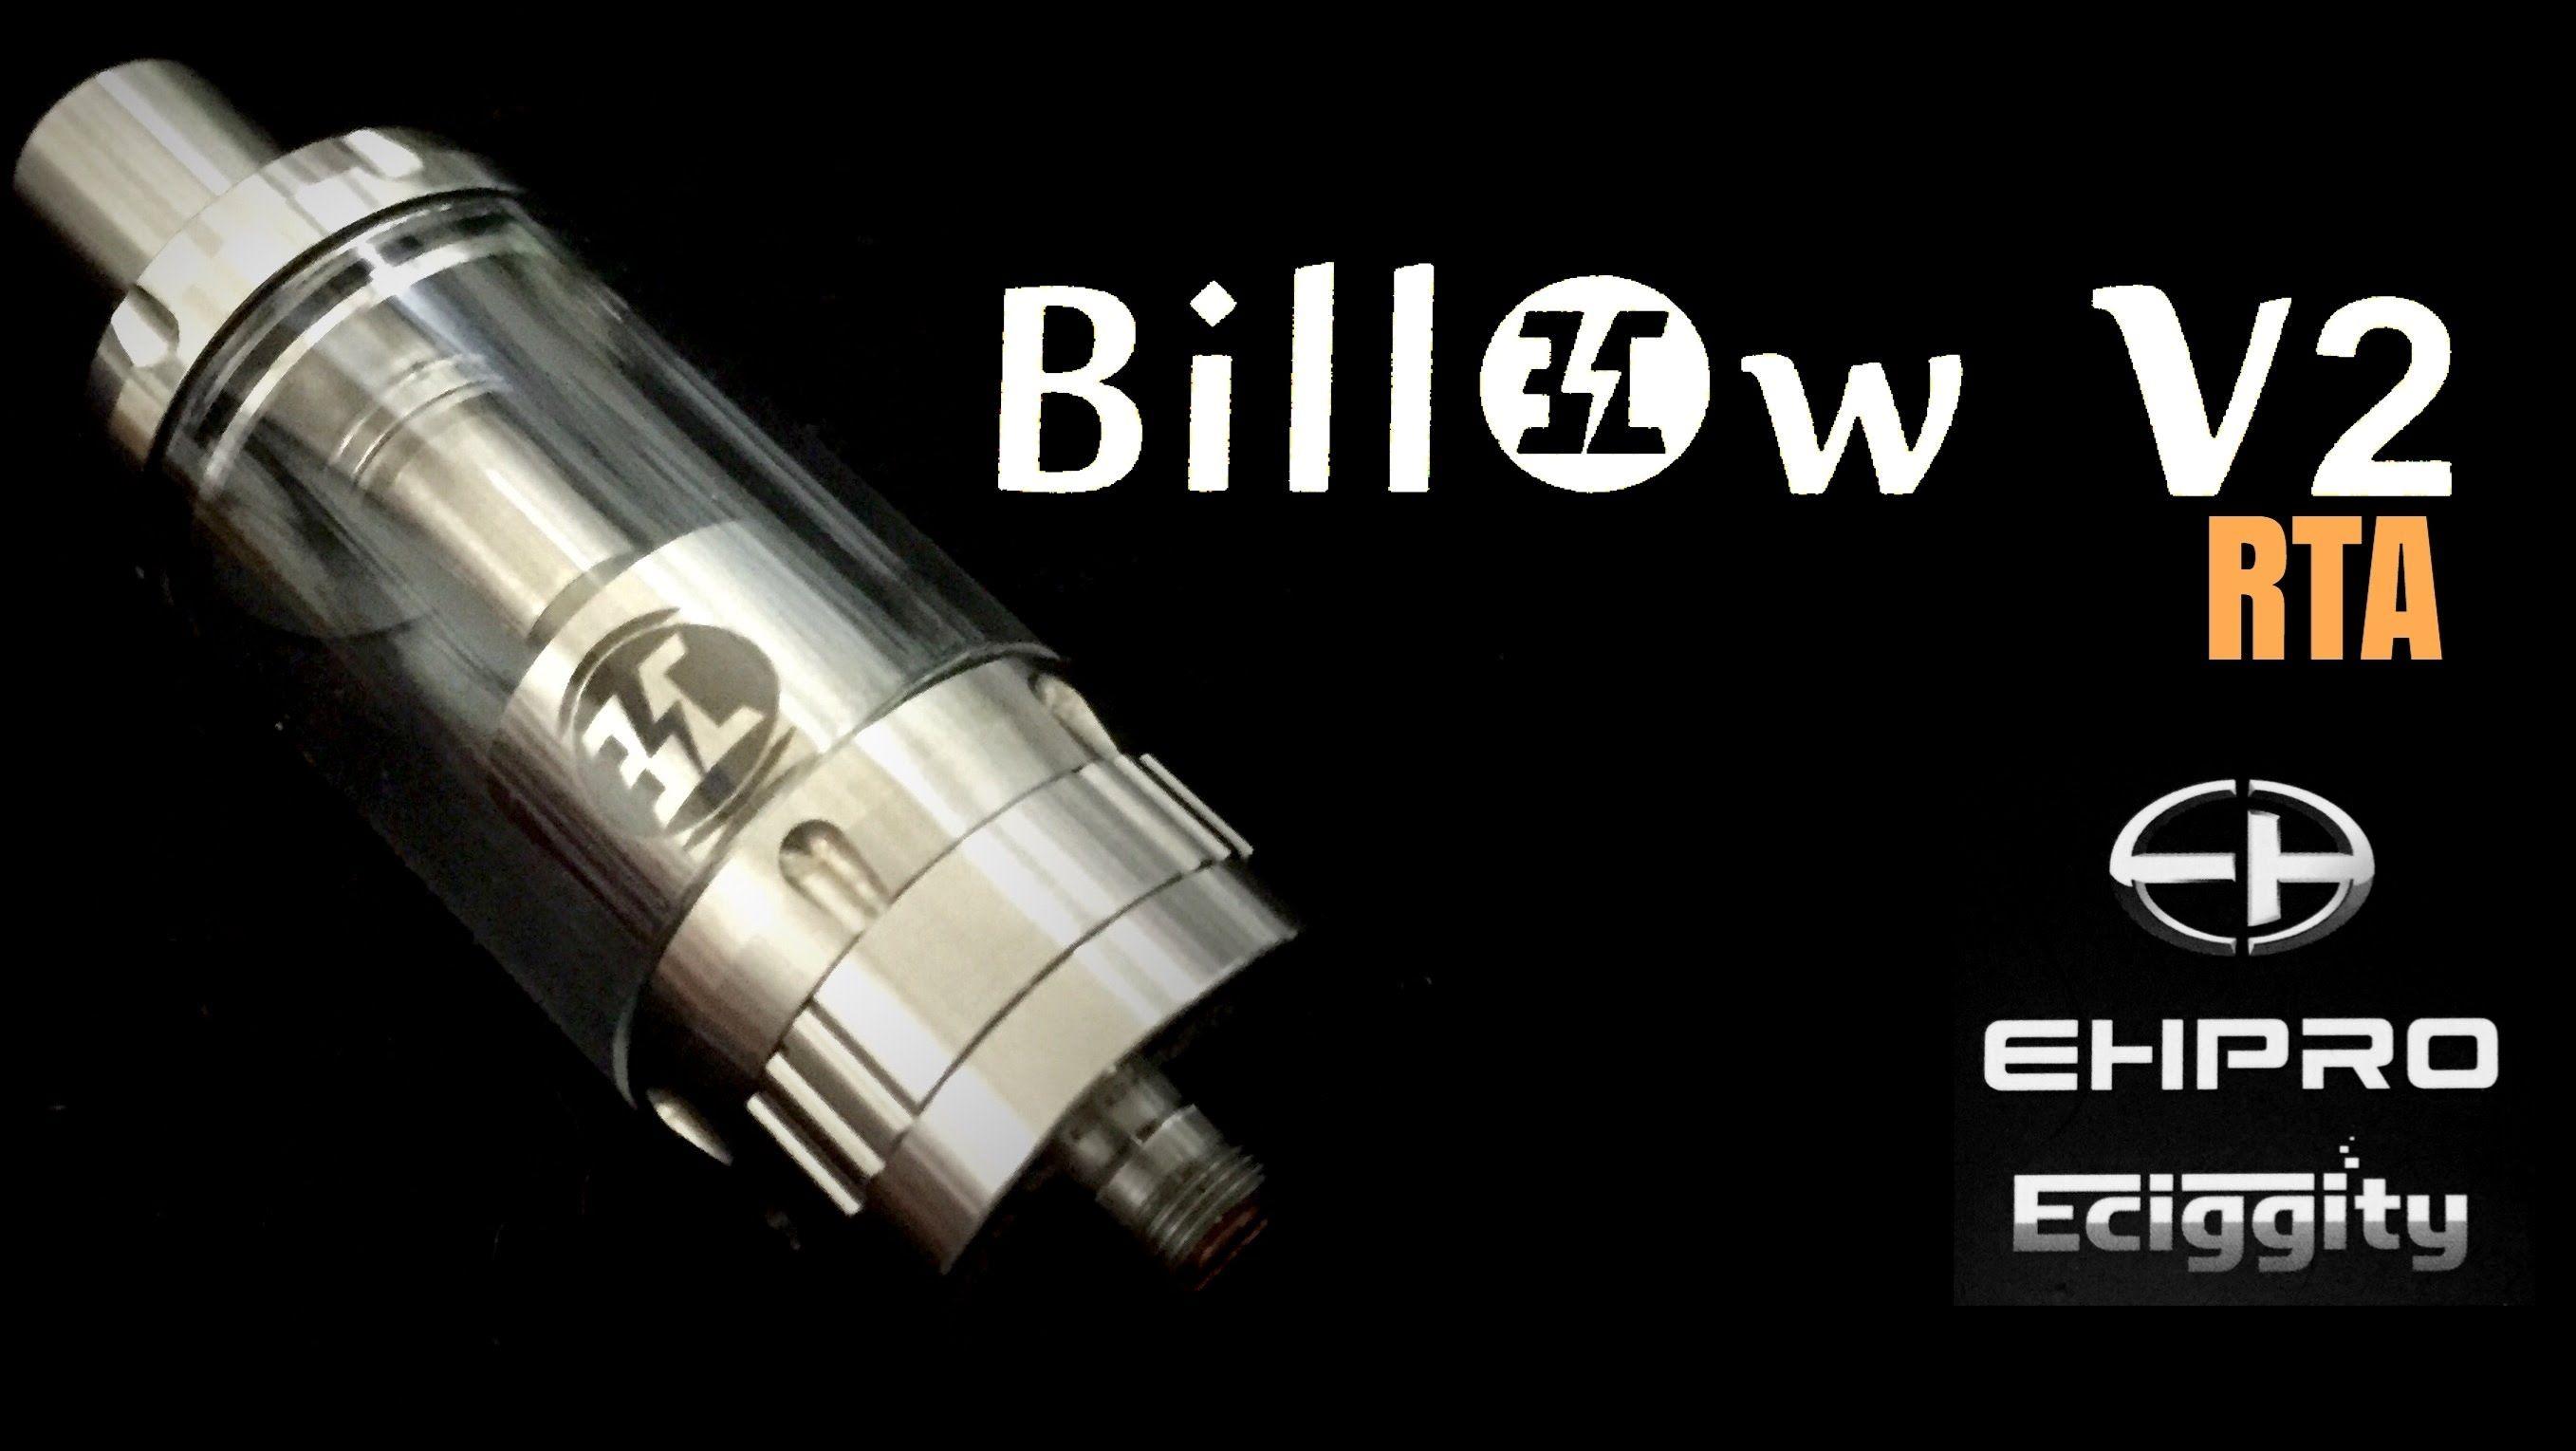 Billow V2 Nano RTA by EHPRO 3.2 ml